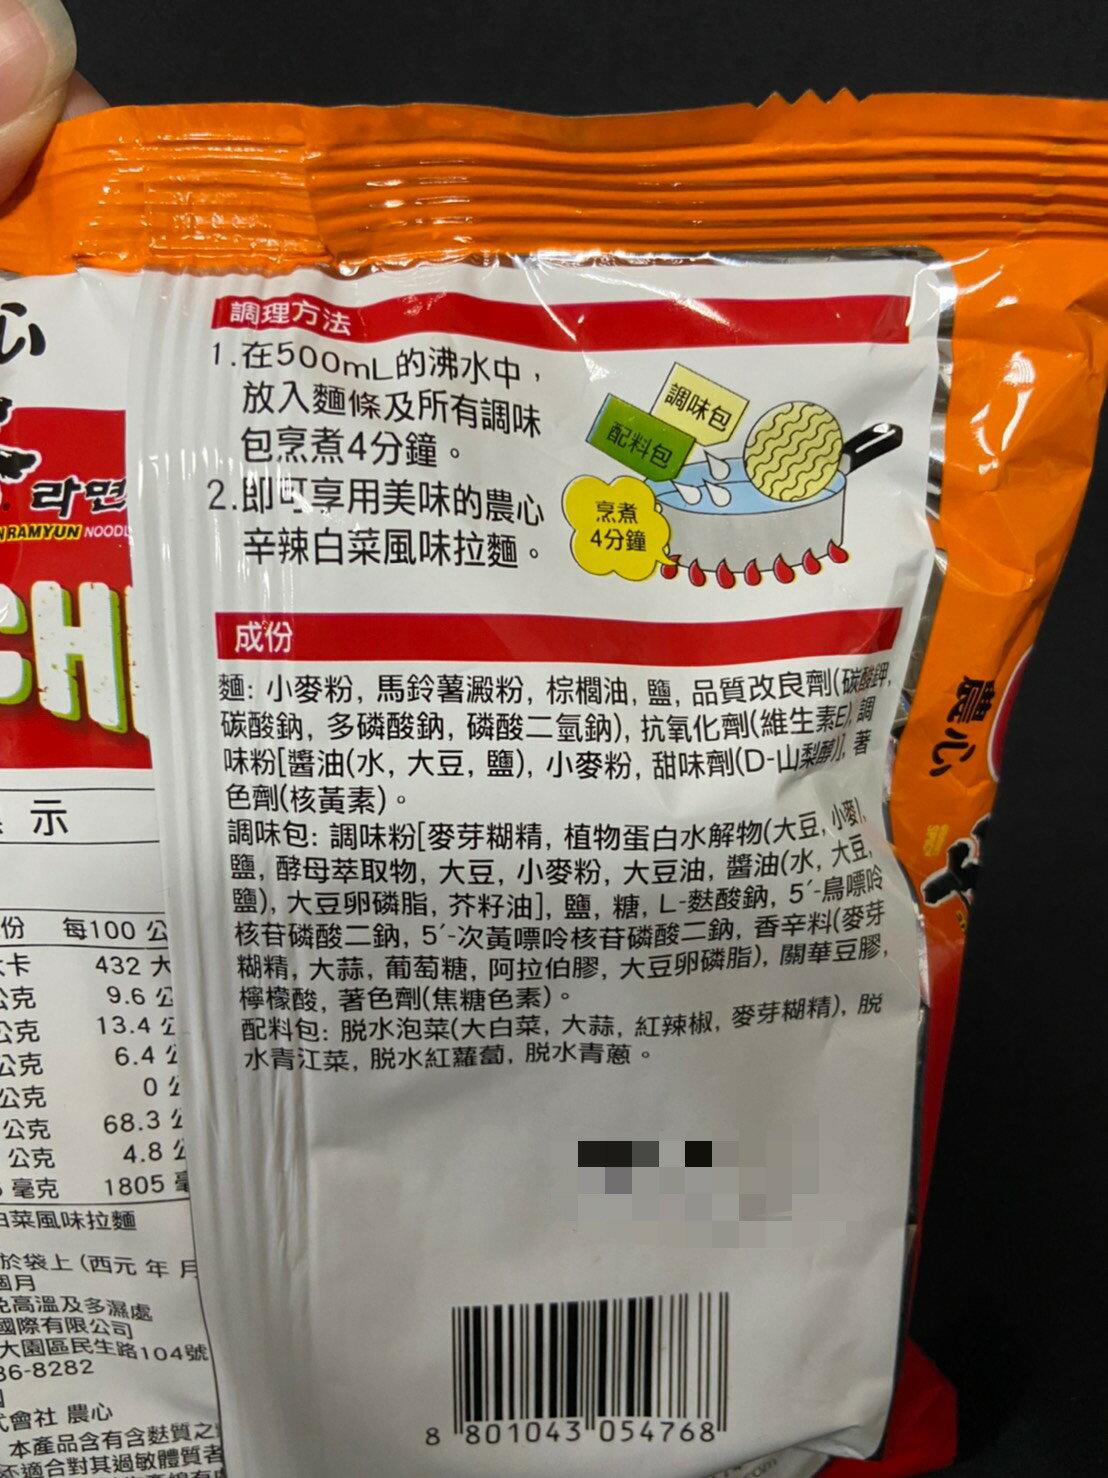 農心拉麵 辛辣白菜風味拉麵 辛拉麵 辛辣白菜 單包販售 韓國製 KIMCHI 防疫 囤貨 居家